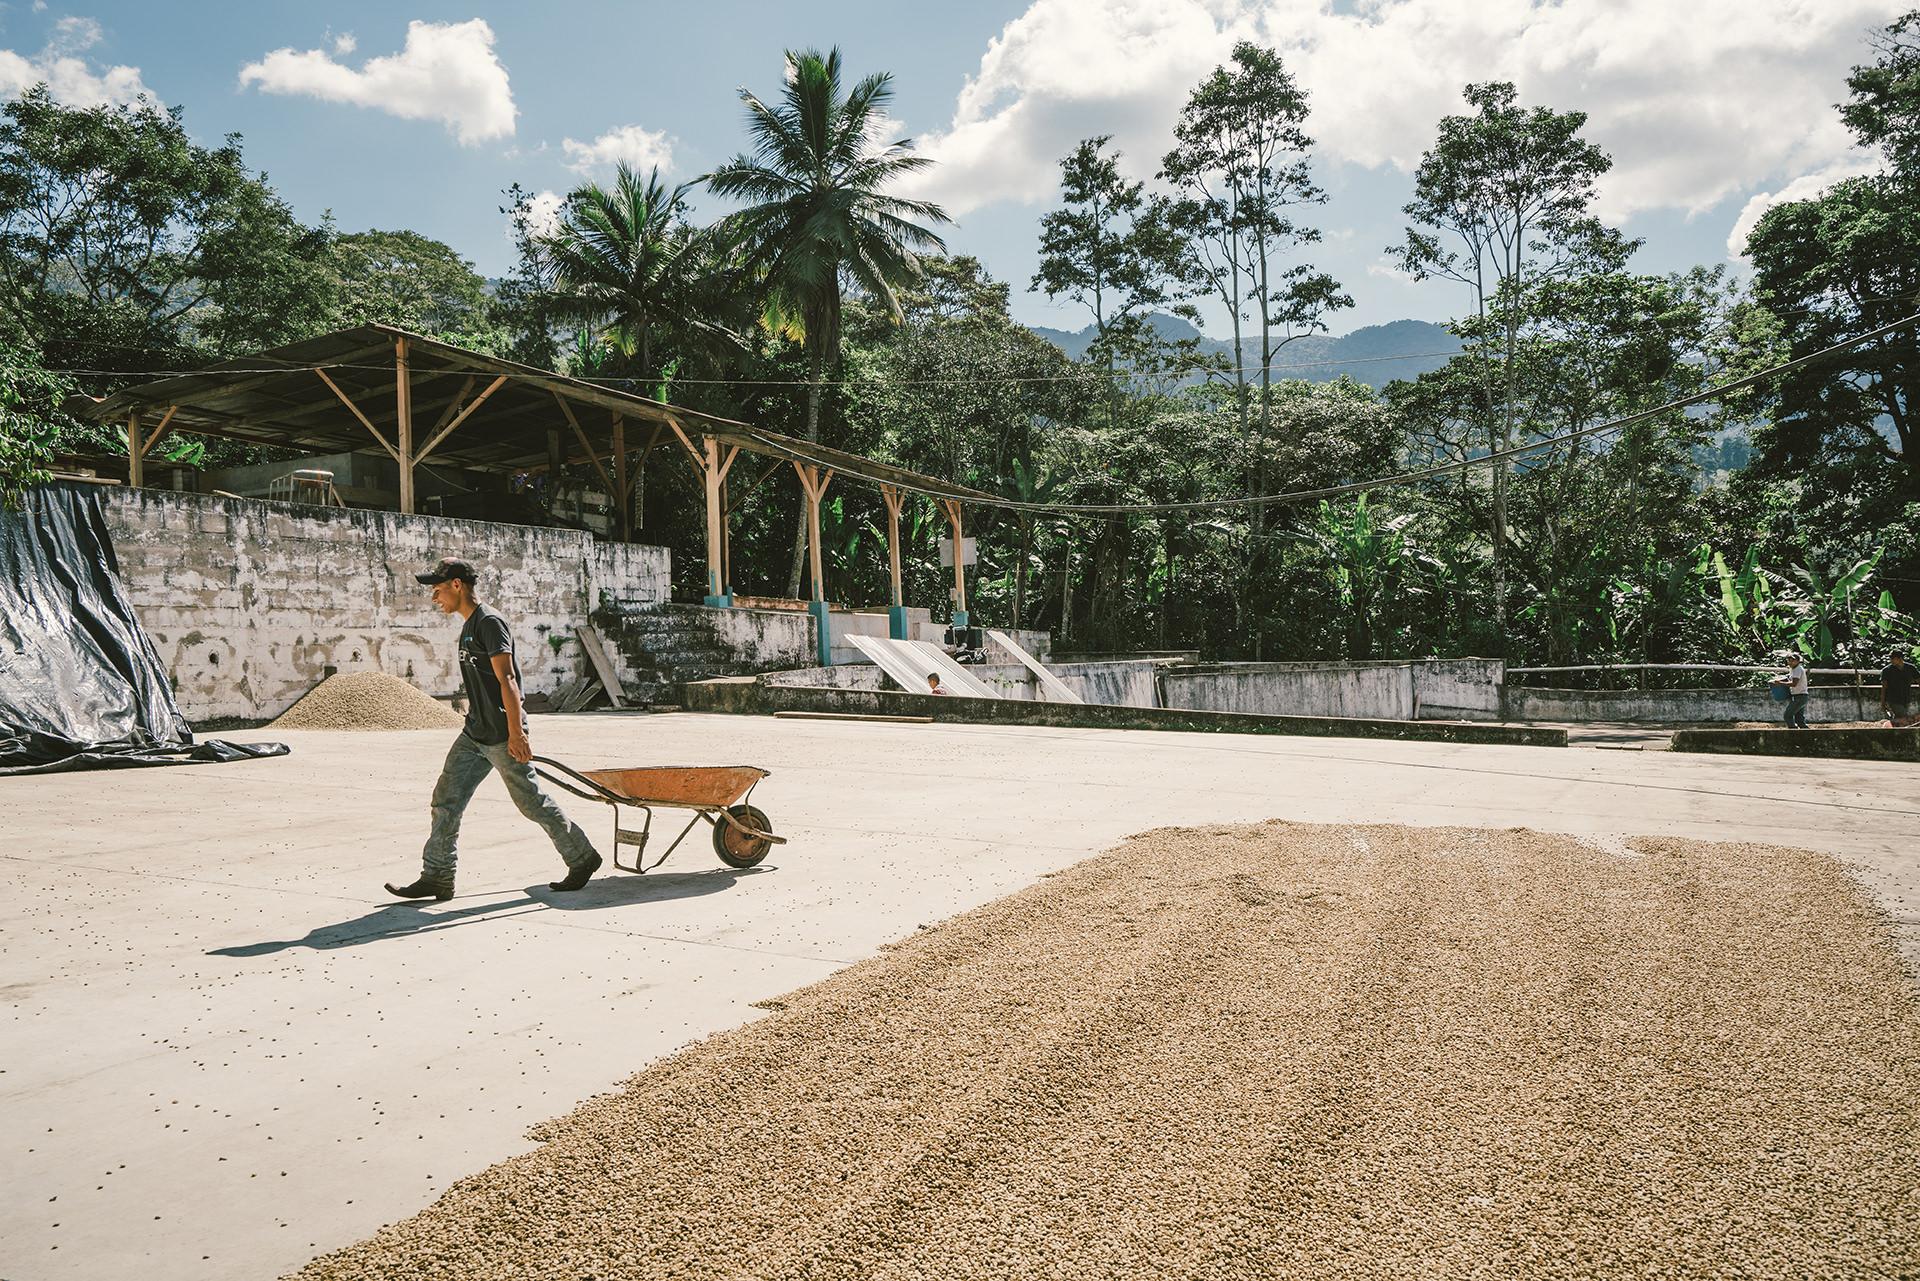 kaffee-trocknen-guatemala-sonne